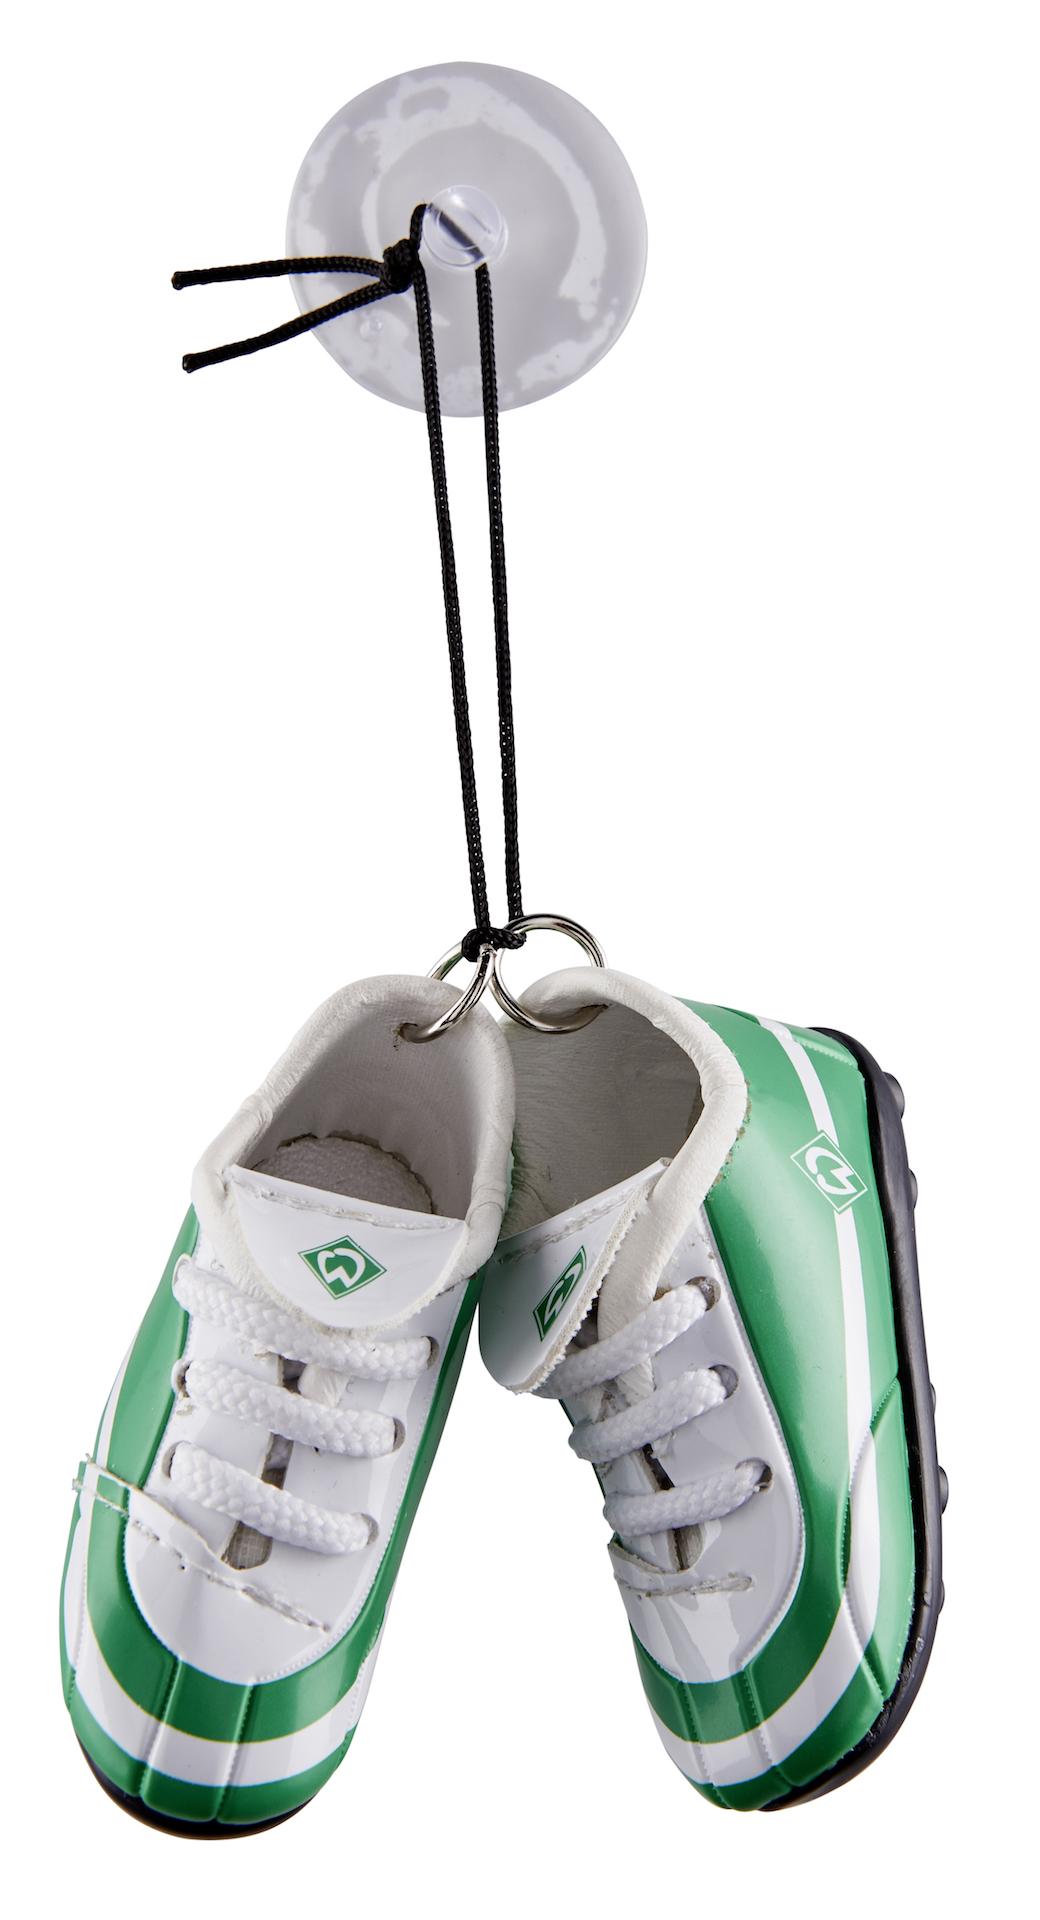 Werder Bremen Autospiegel Schuhe Mit Sauger